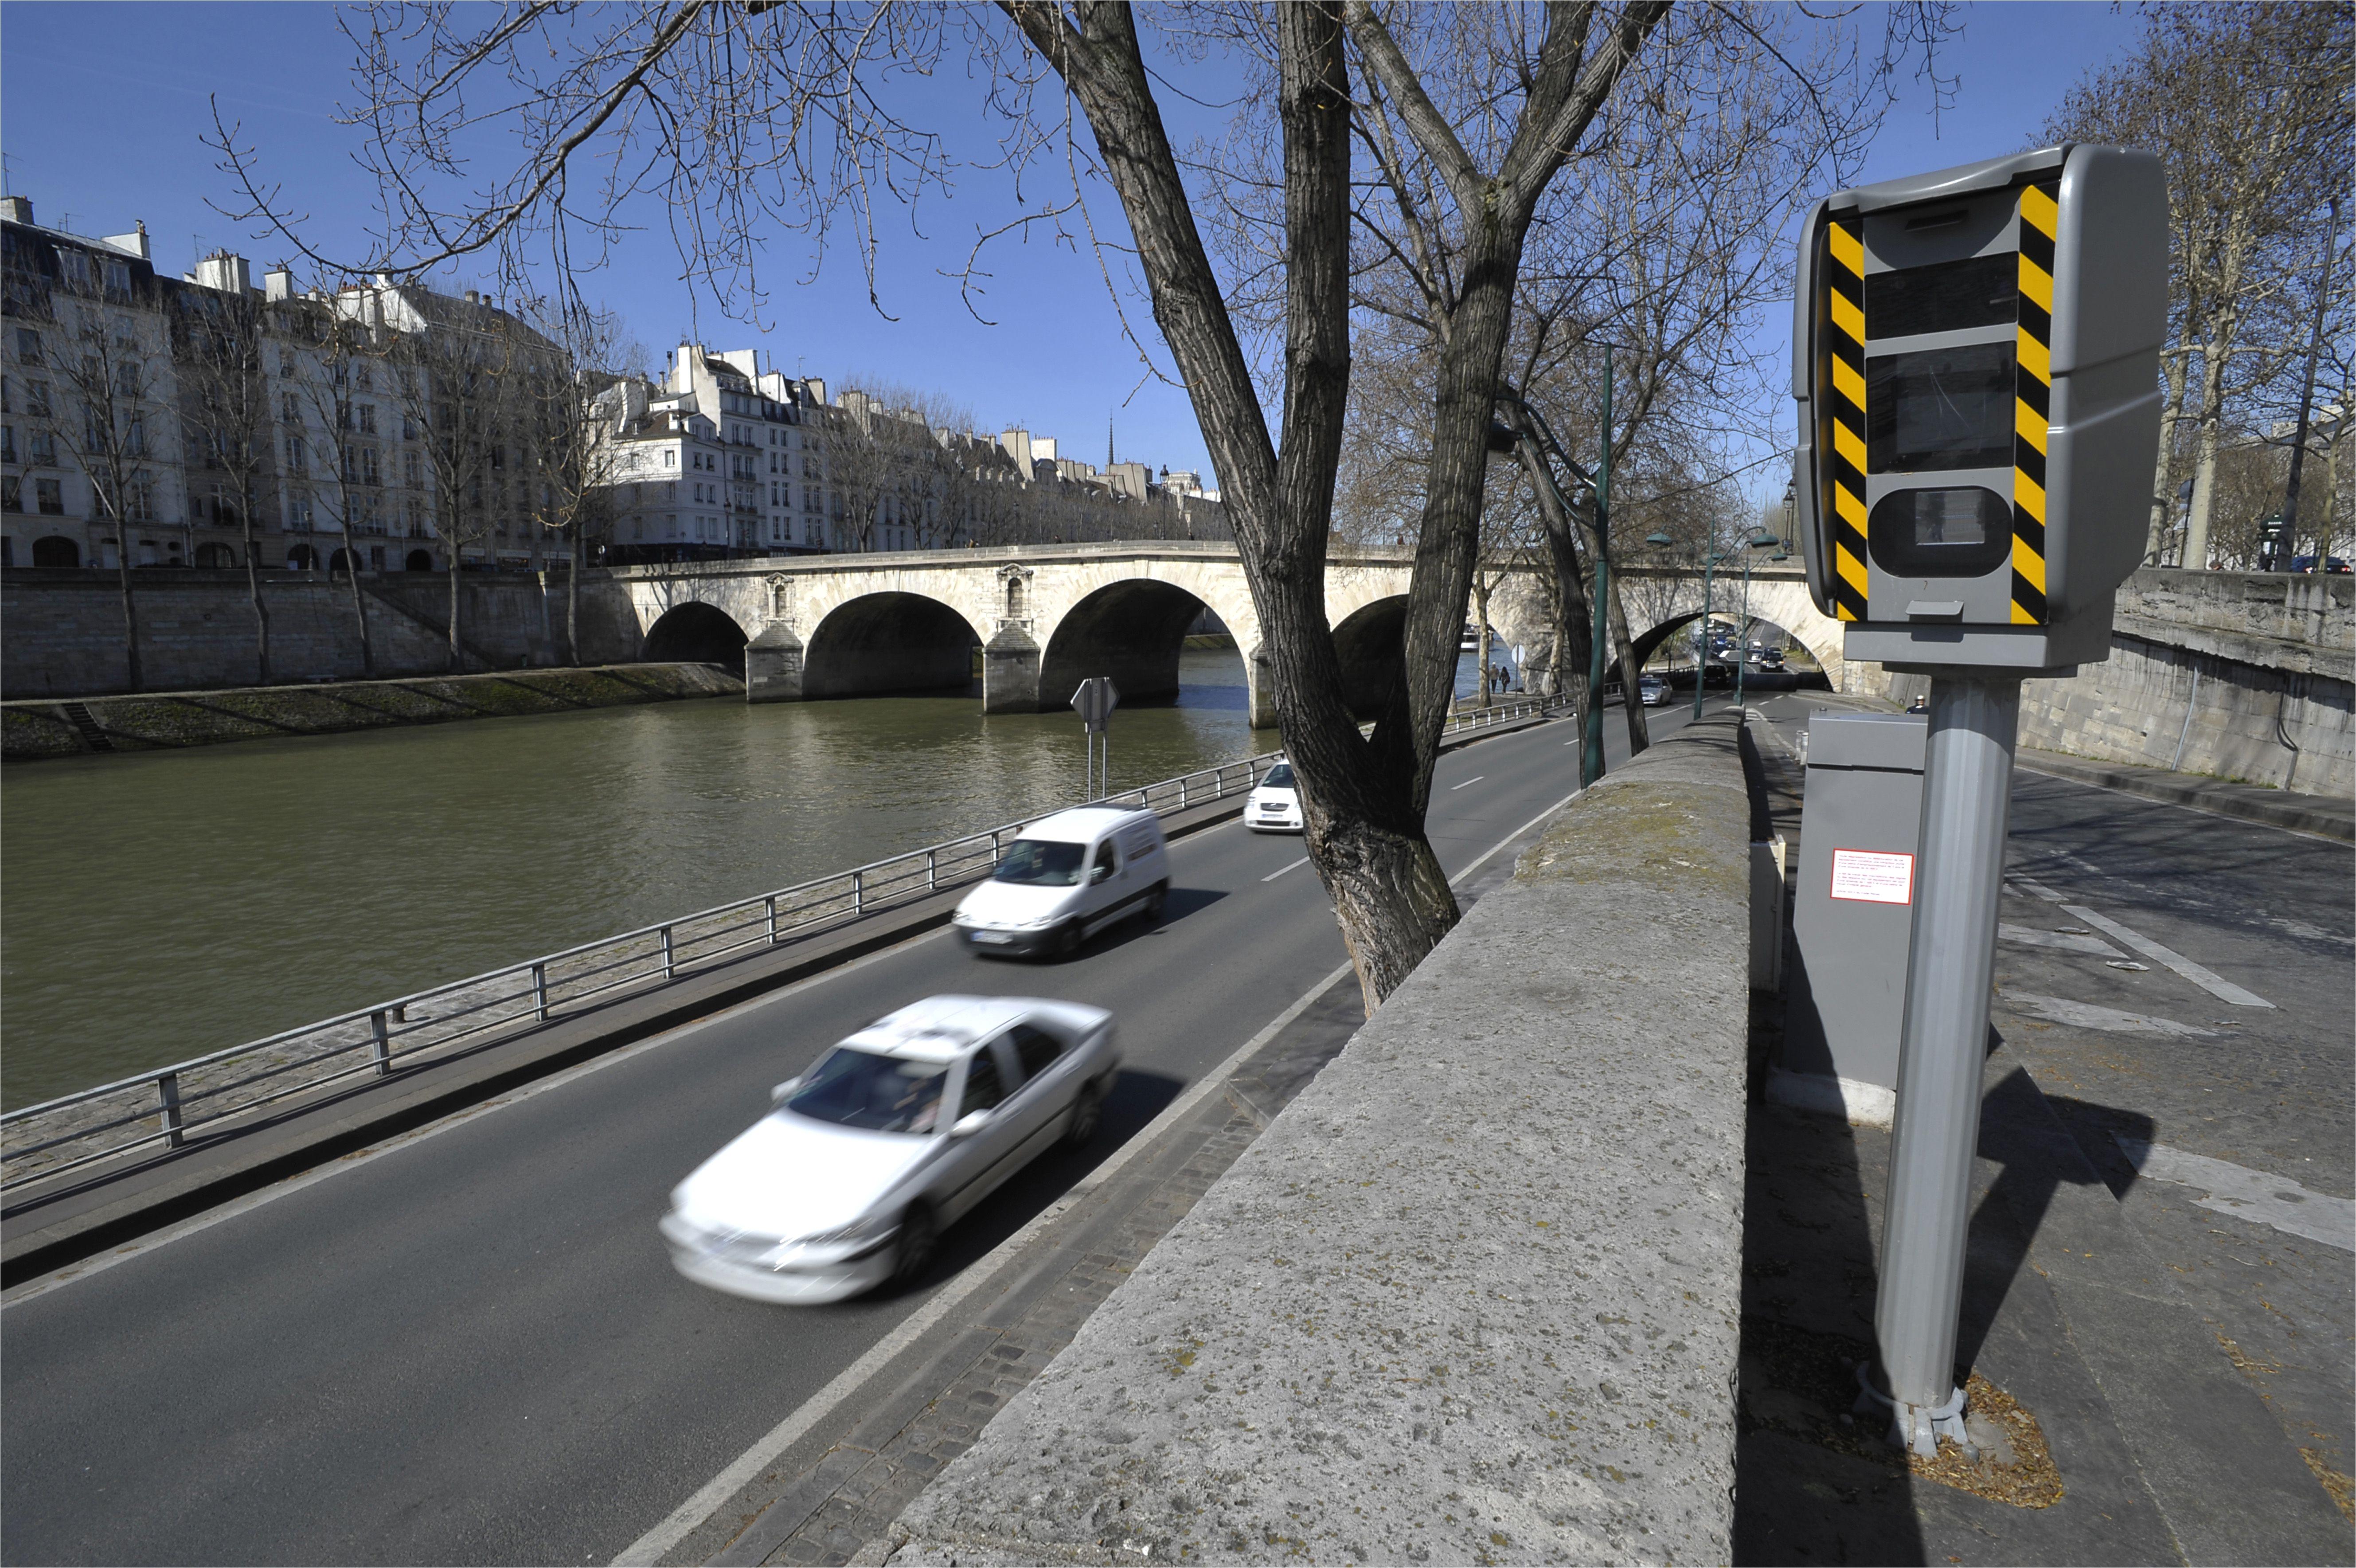 france paris speed camera 127059180 58f2c0fd3df78cd3fc15ea69